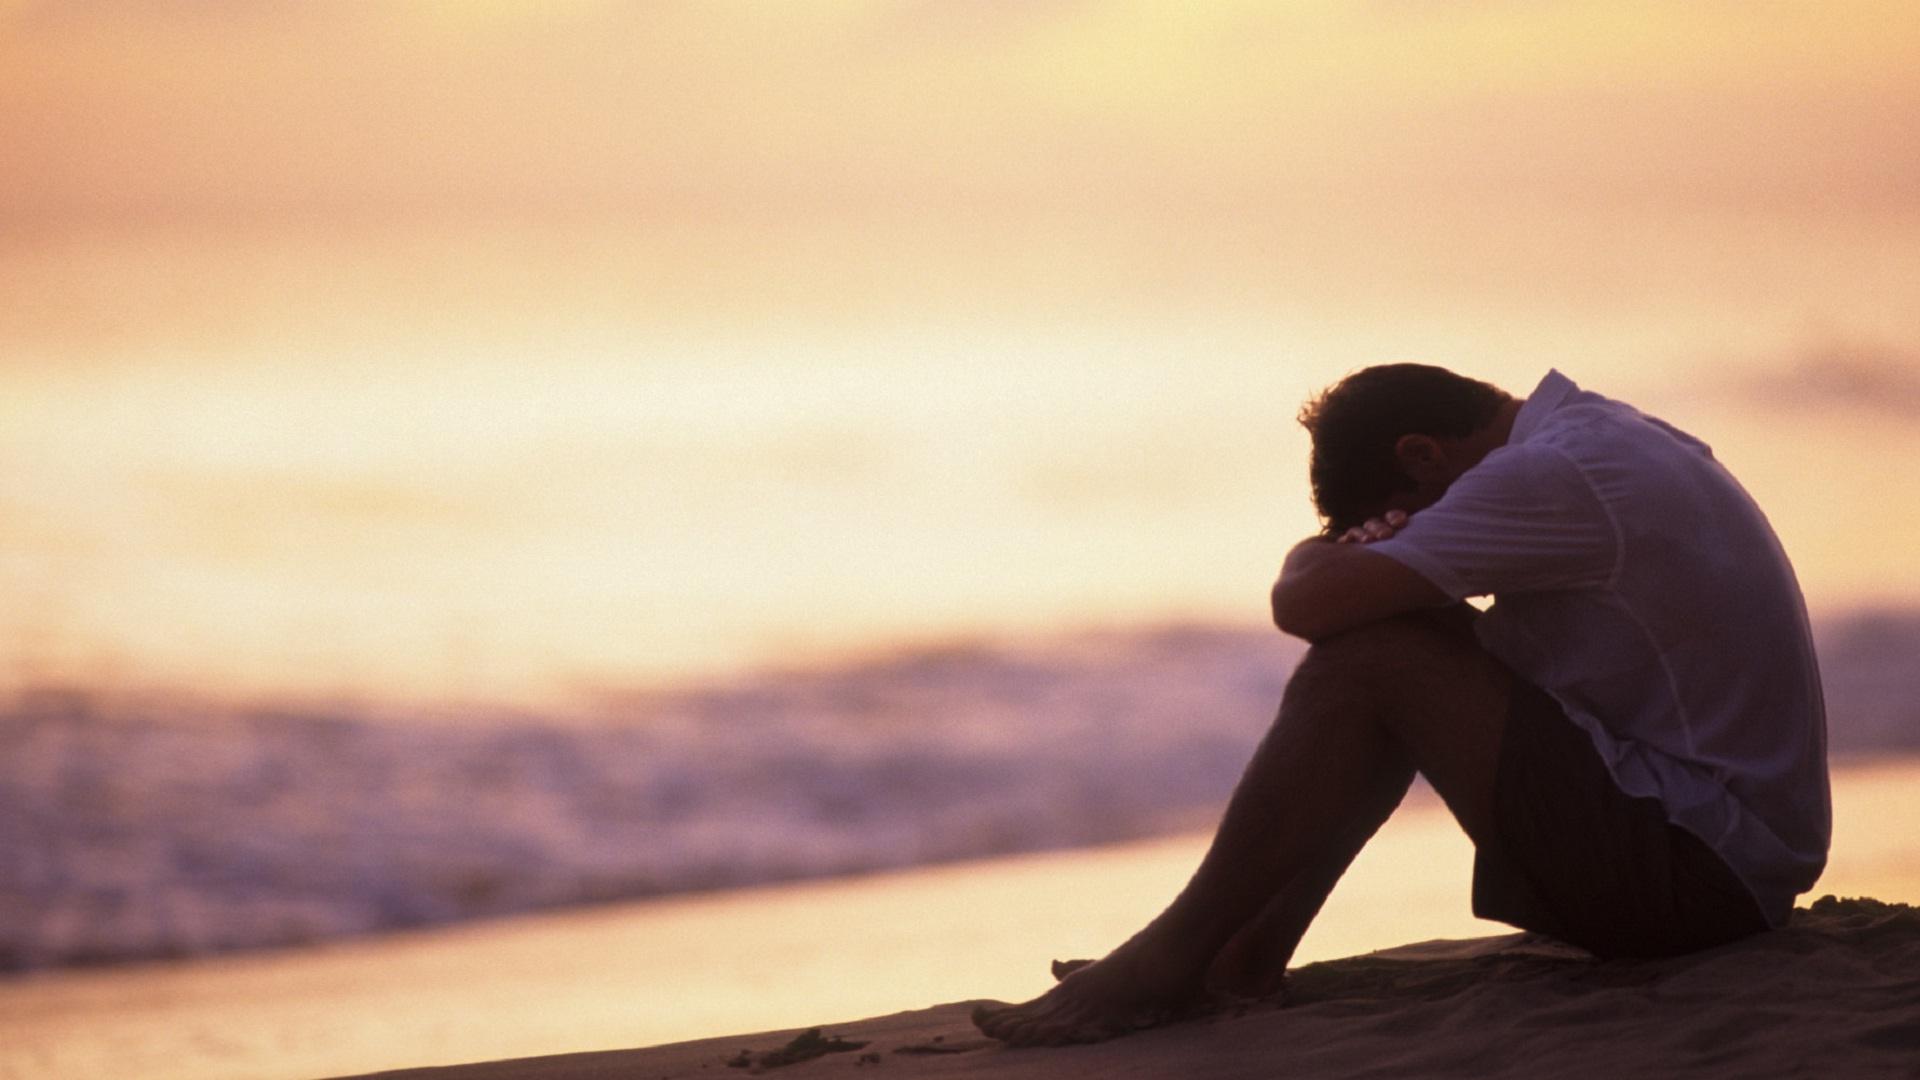 بالصور اجمل صور حزينه , احلي صور تعبر عن الحزن 6479 9